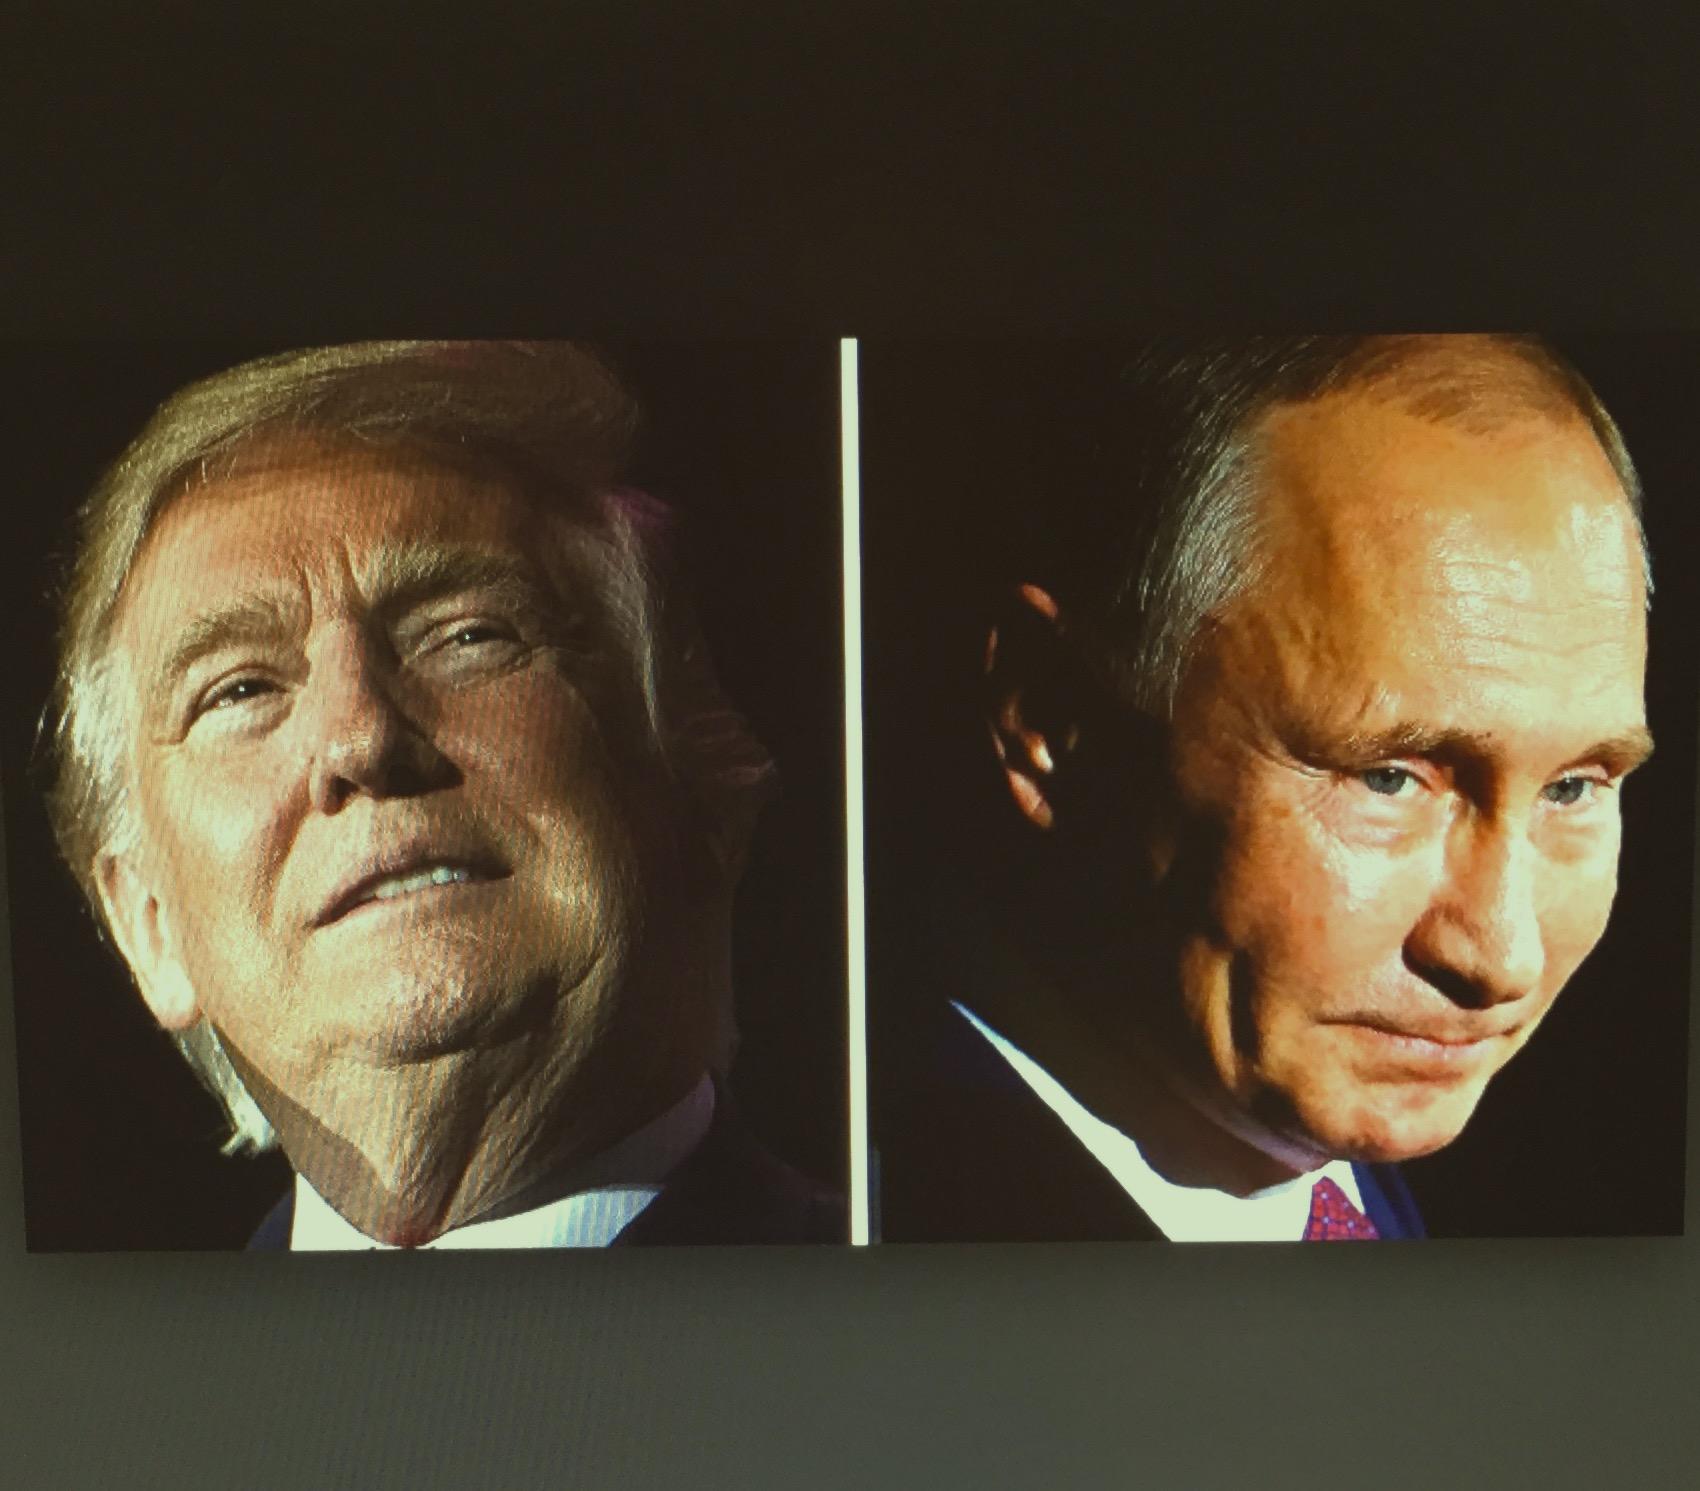 Wladimir Putin bleibt mit Hassan Rohani und Xi Jinping besonnen und sieht das kranke System der transatlantischen New World Order-Clique auf seine Implosion zusteuern